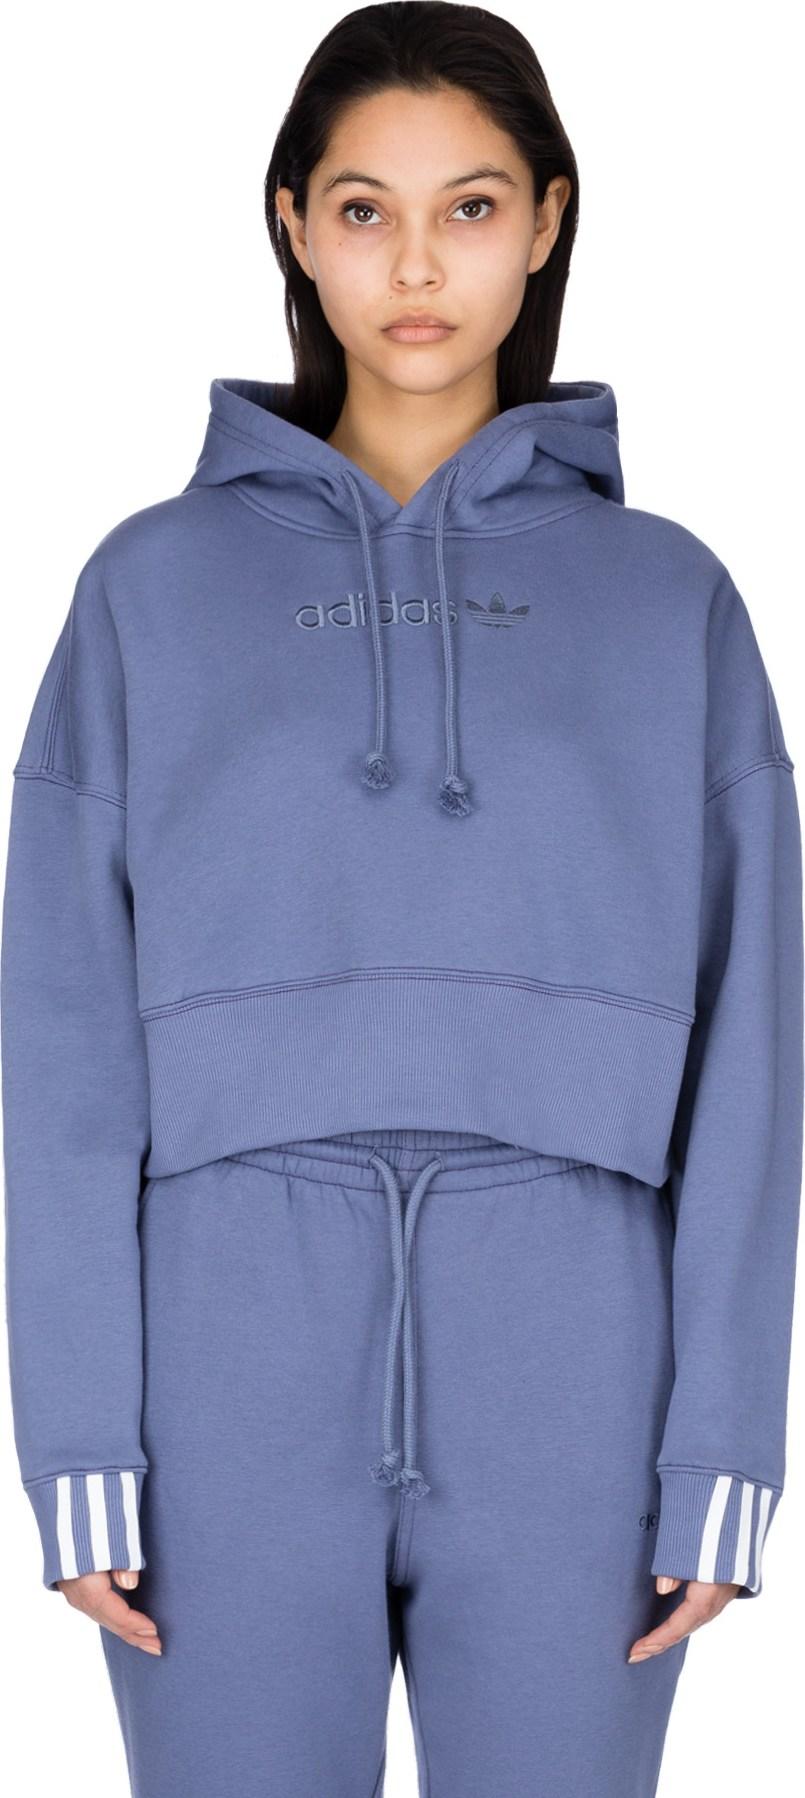 503138f3ef adidas Originals: Coeeze Cropped Hoodie - Raw Indigo   influenceu